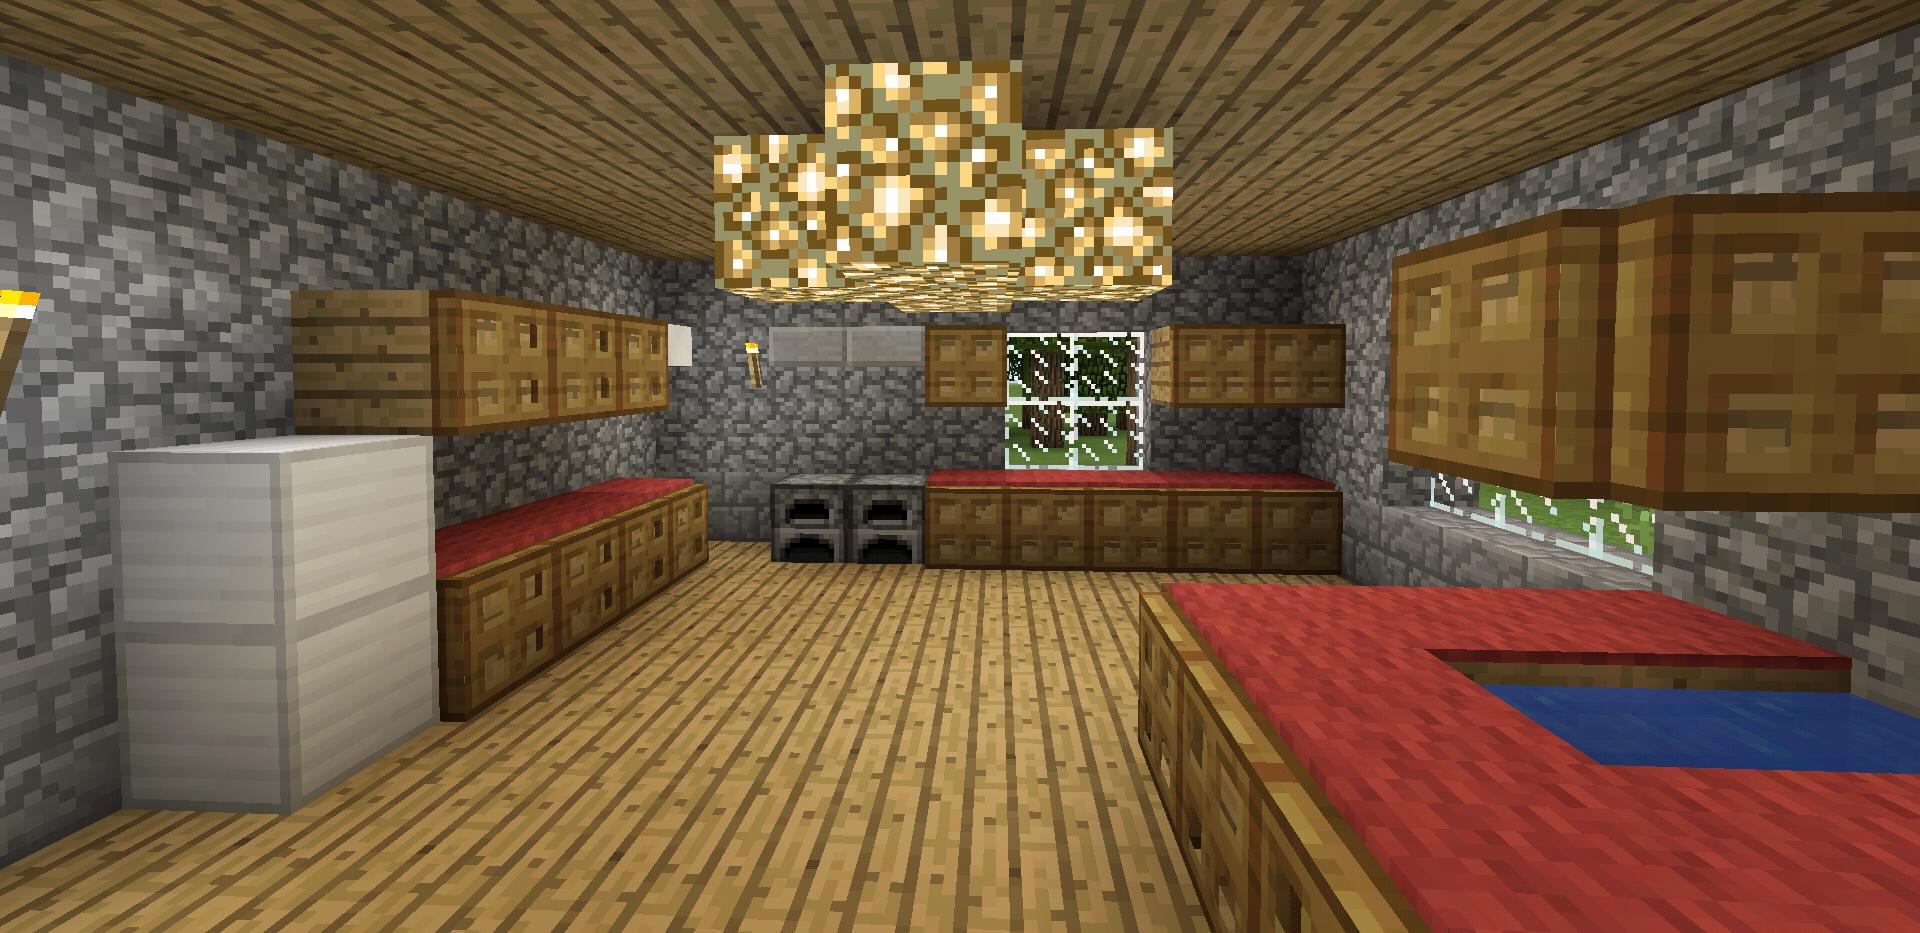 Pin by Trista Lynd on Minecraft | Minecraft kitchen ideas ...